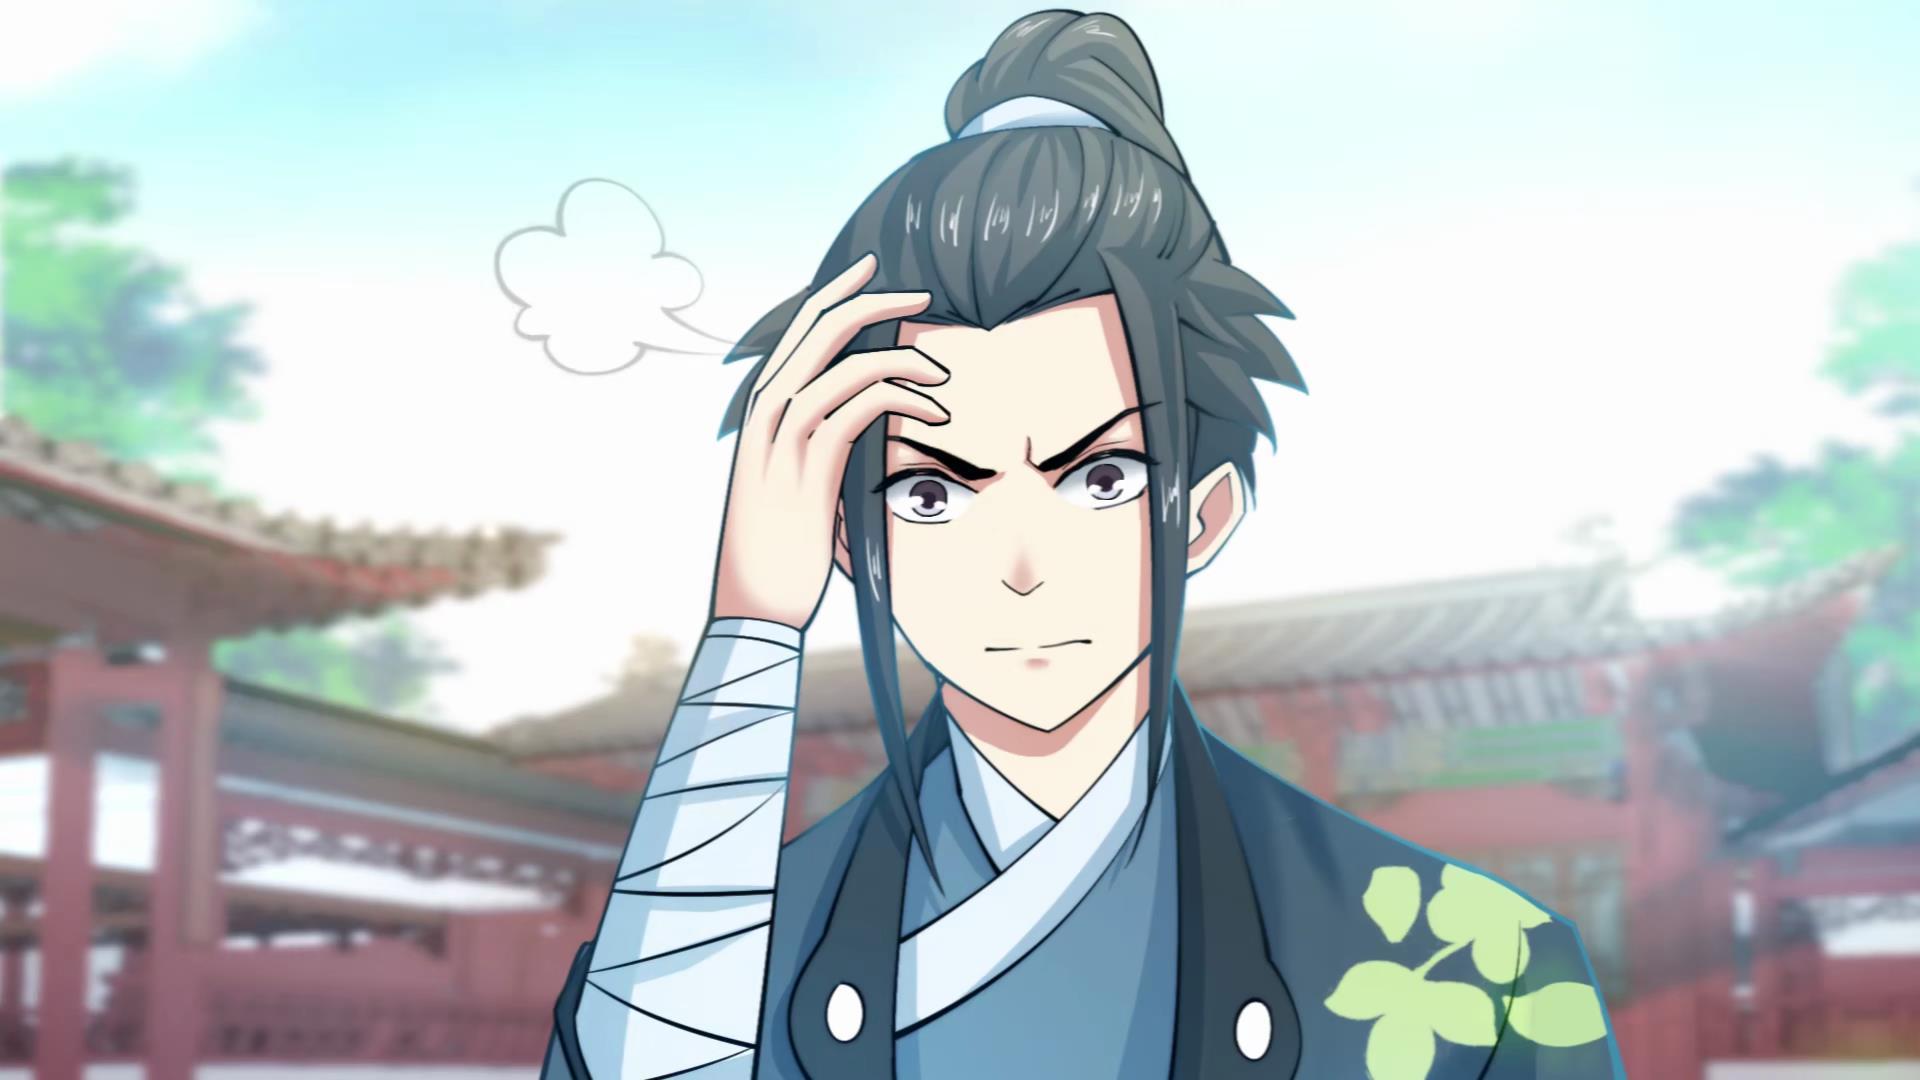 逆天邪神:云澈要问南溟太子的事情很明显,龙丹可能也会拿回